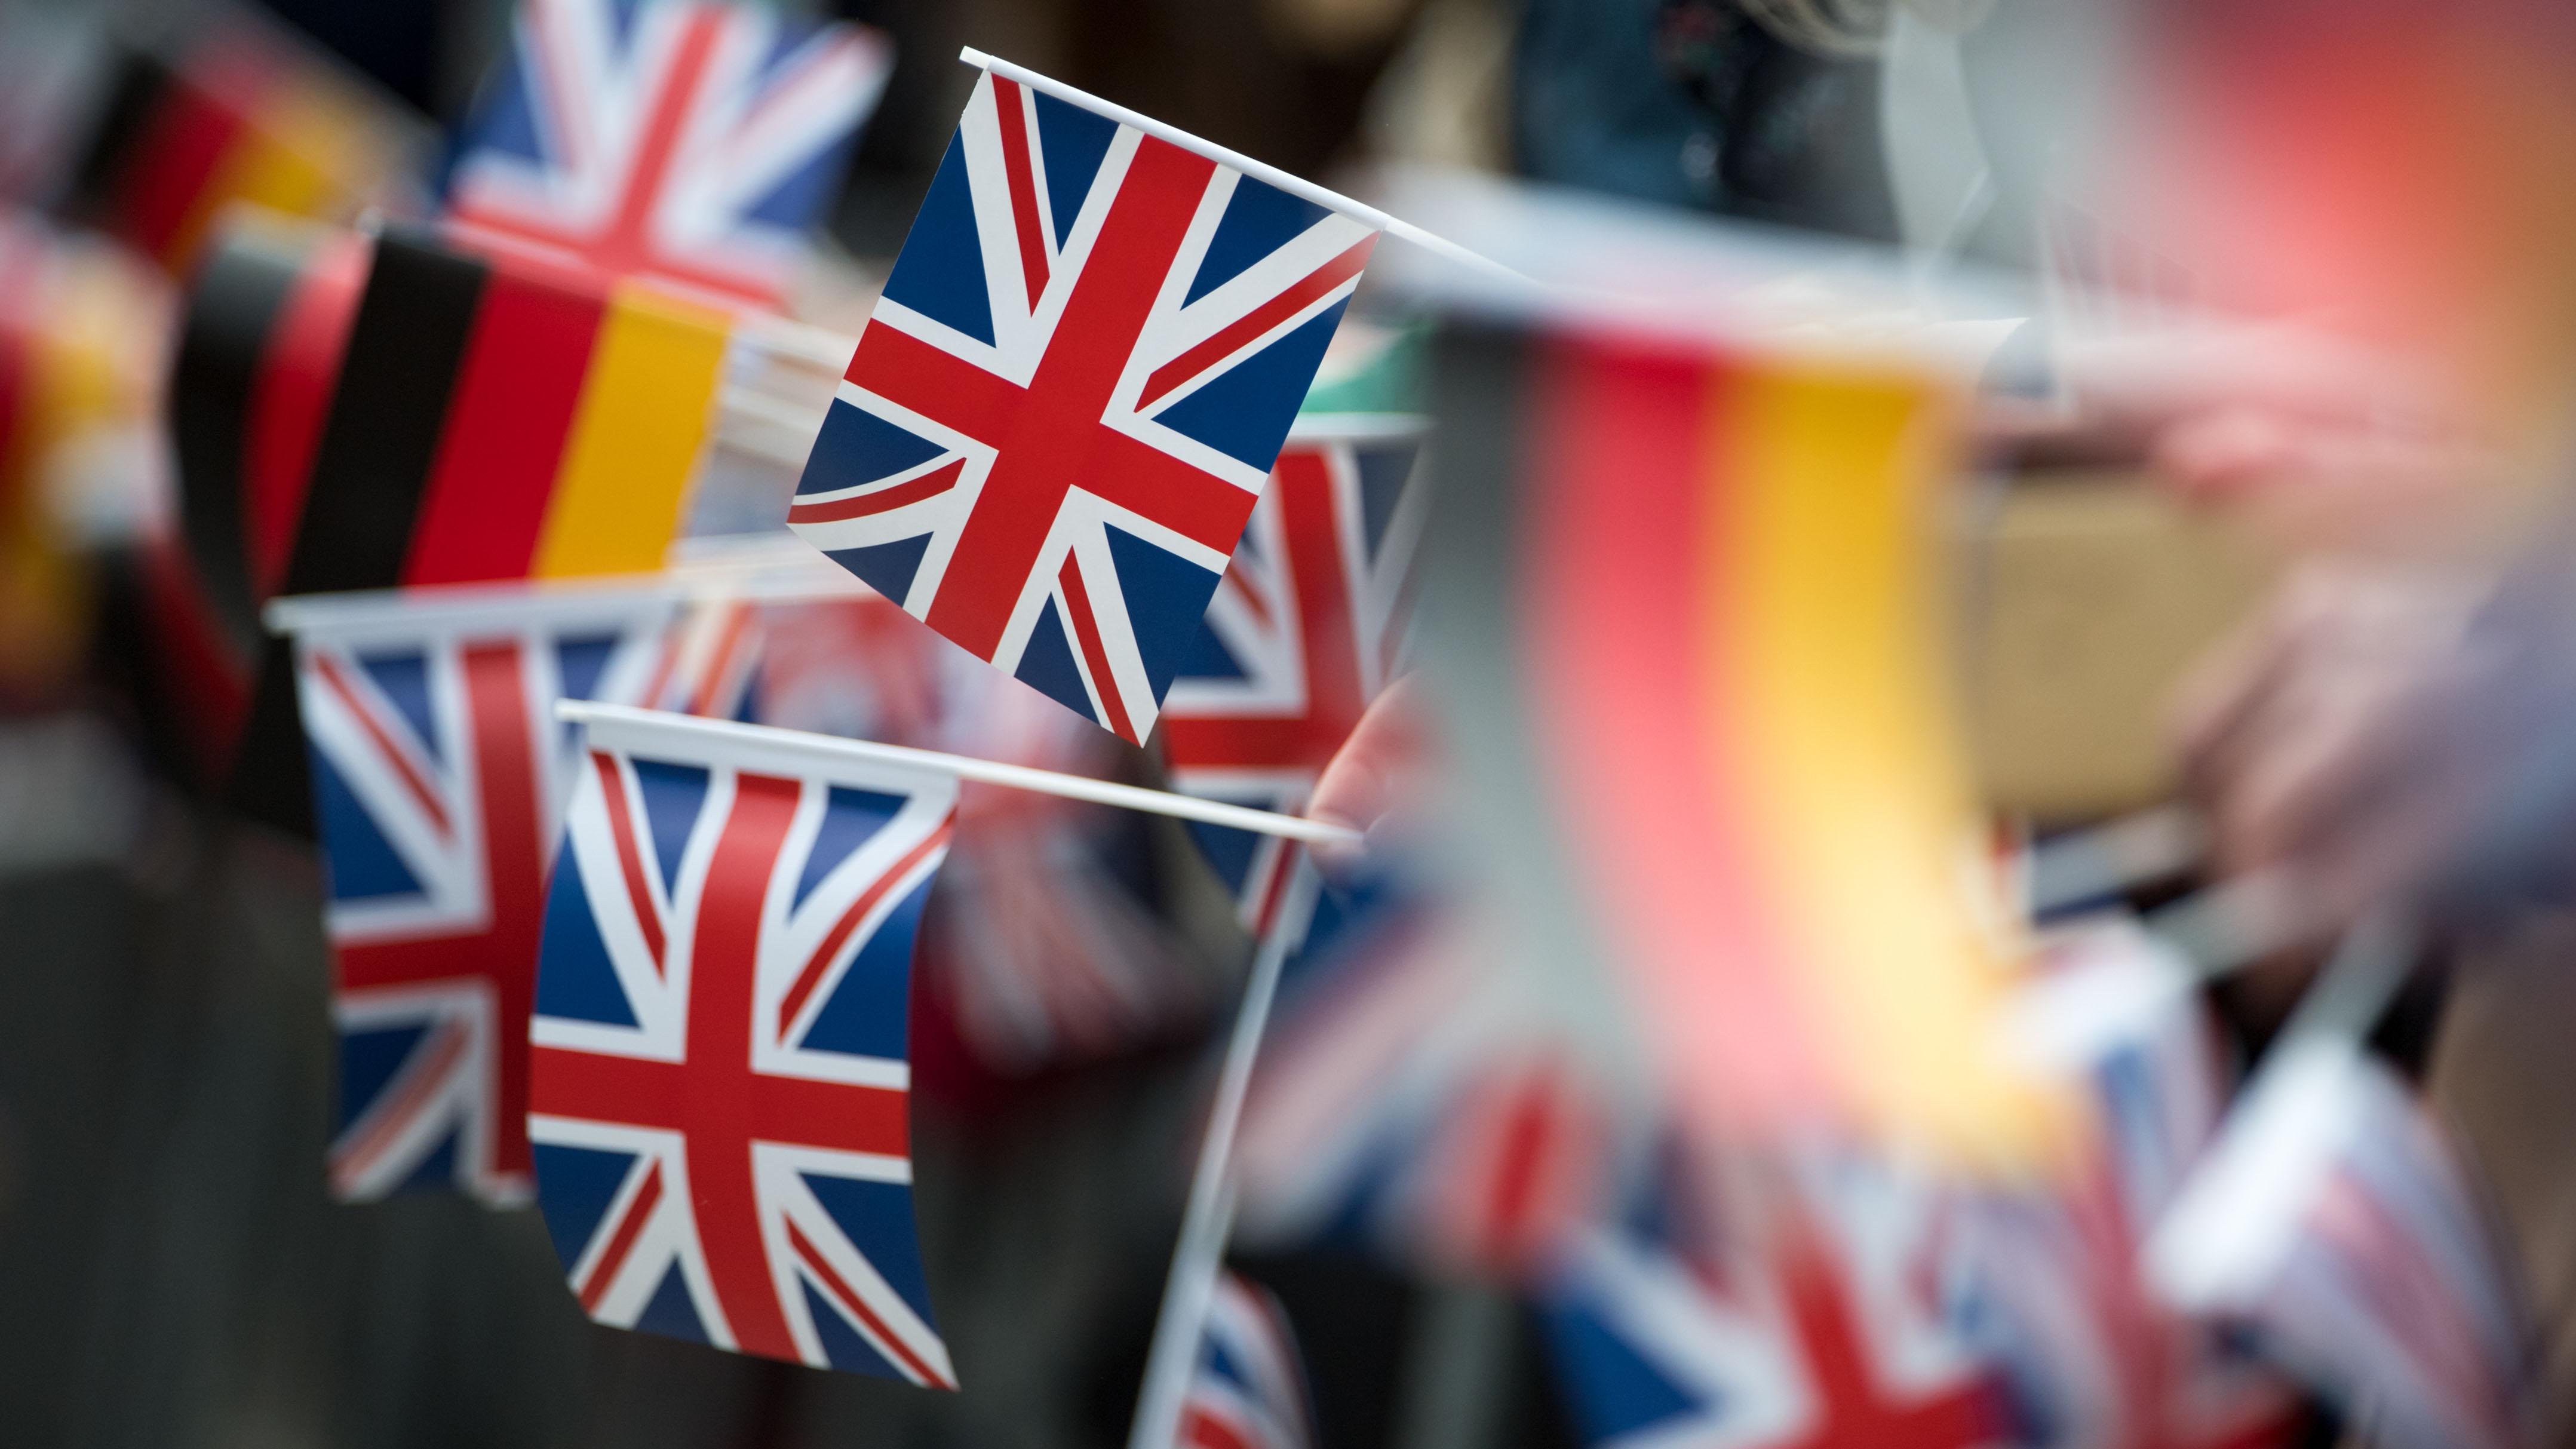 Britische und deutsche Flaggen sind während des Besuchs des britischen Prinzen Charles in Leipzig zu sehen. (Quelle: dpa/Hendrik Schmidt) | dpa/Hendrik Schmidt